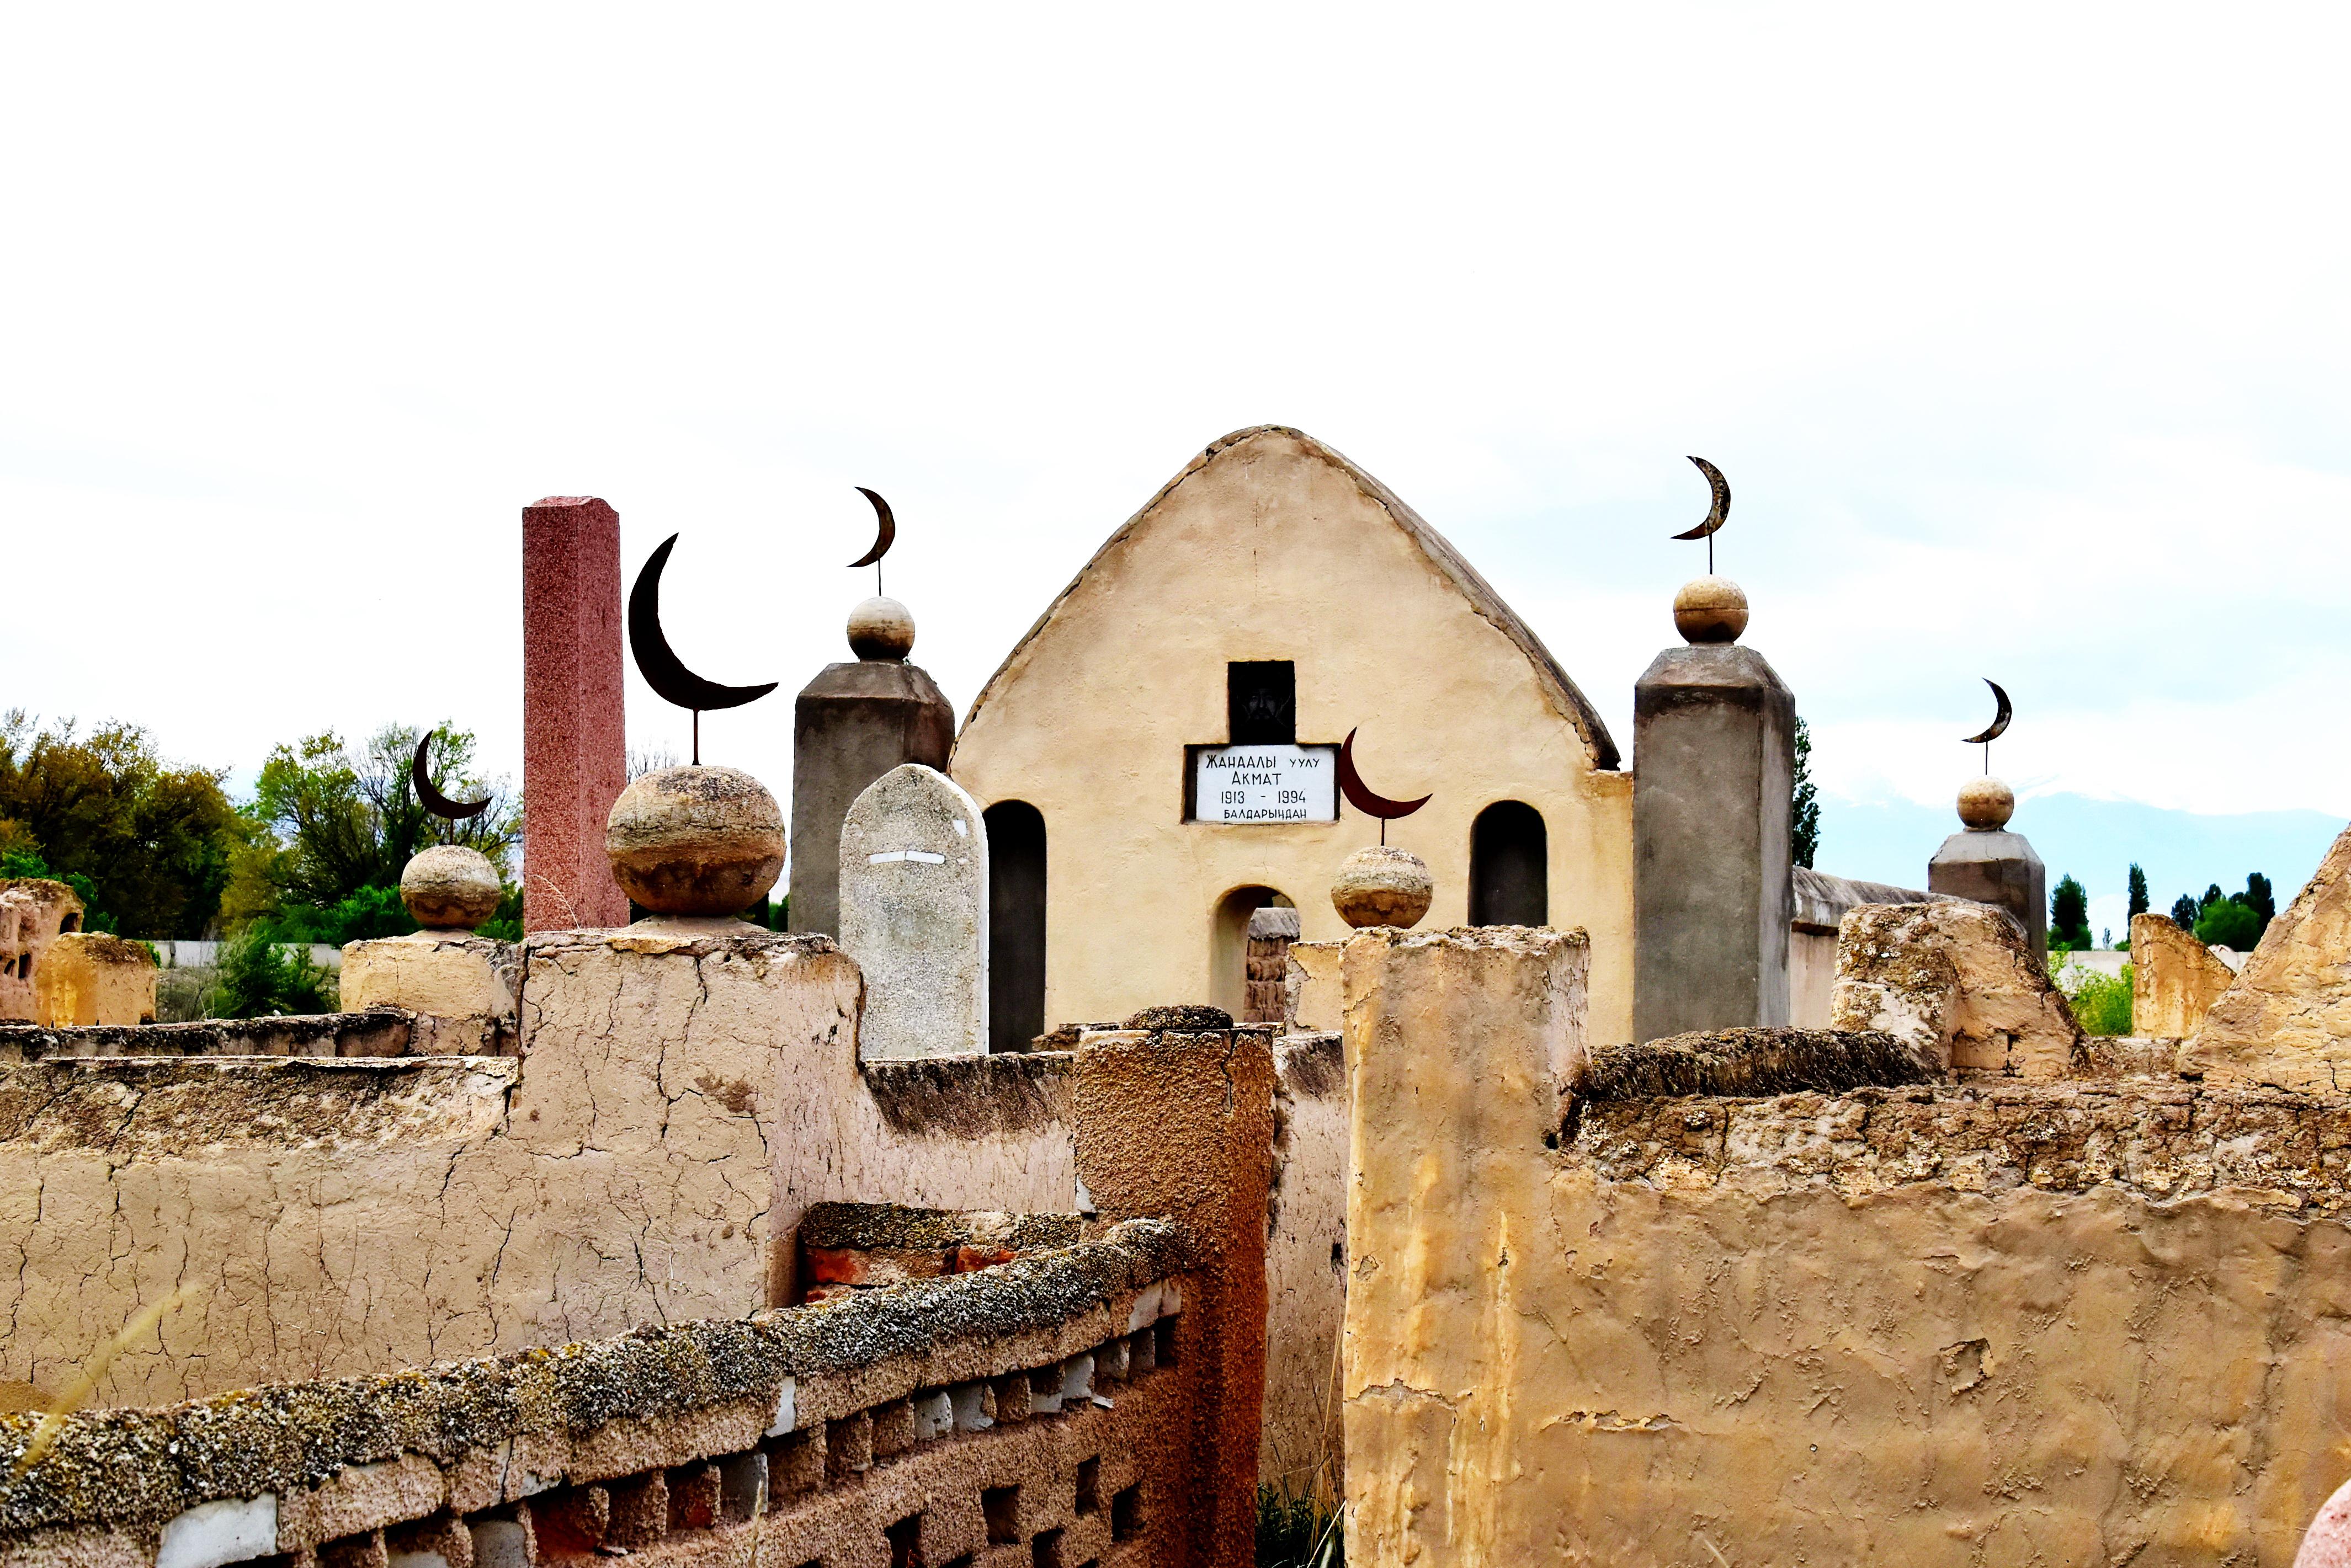 056 - בית קברות אופייני 2